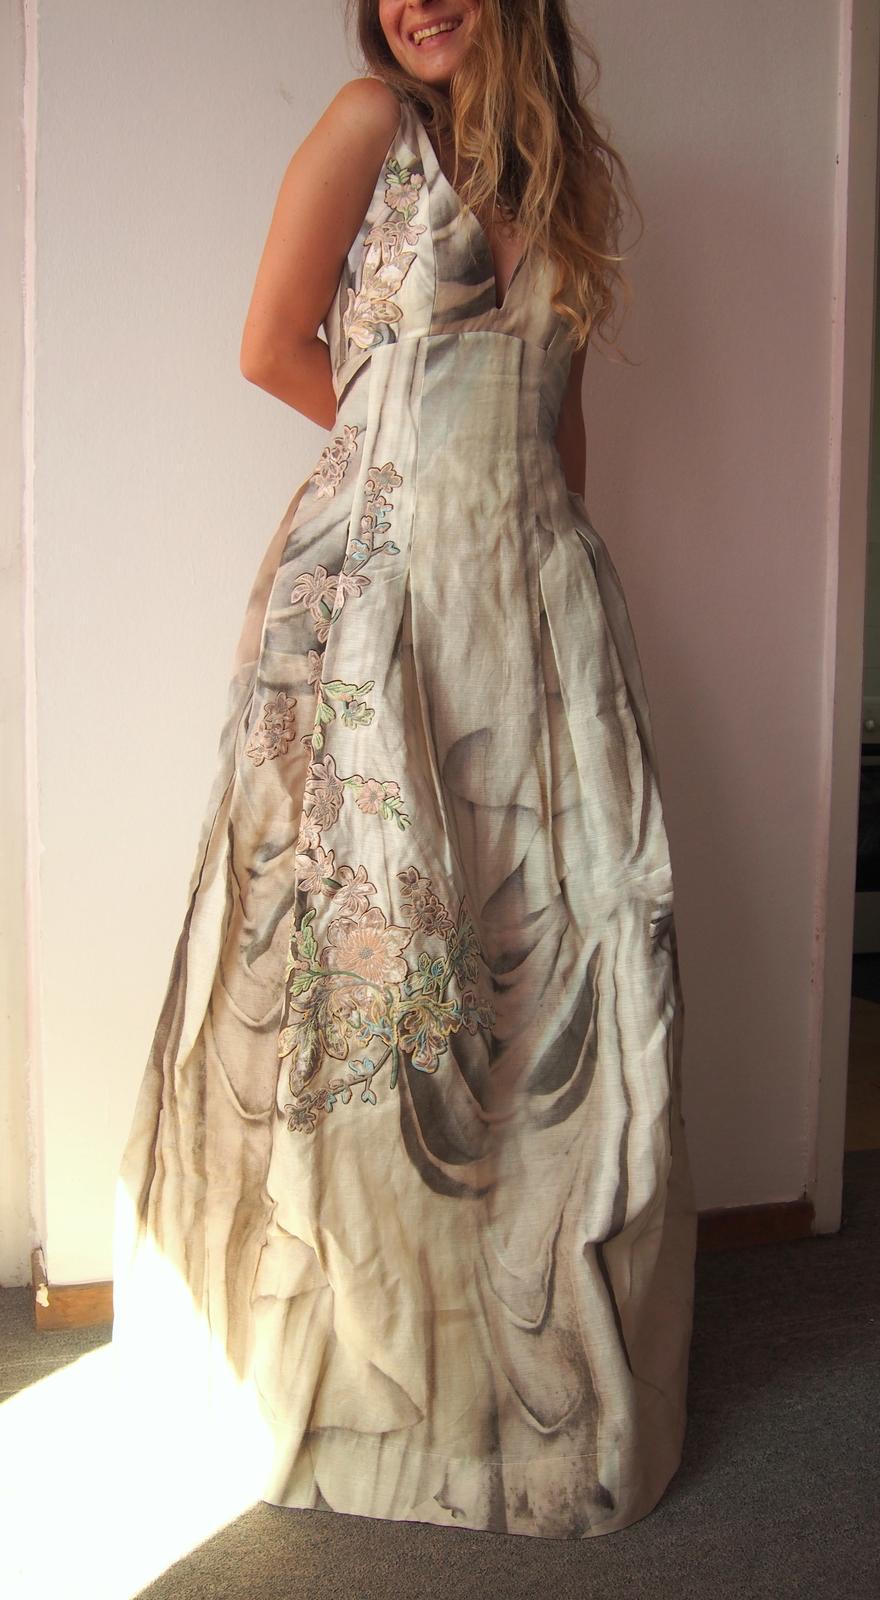 Dokonalé spoločenské svadobné boho šaty Hodváb+ľan - Obrázok č. 1